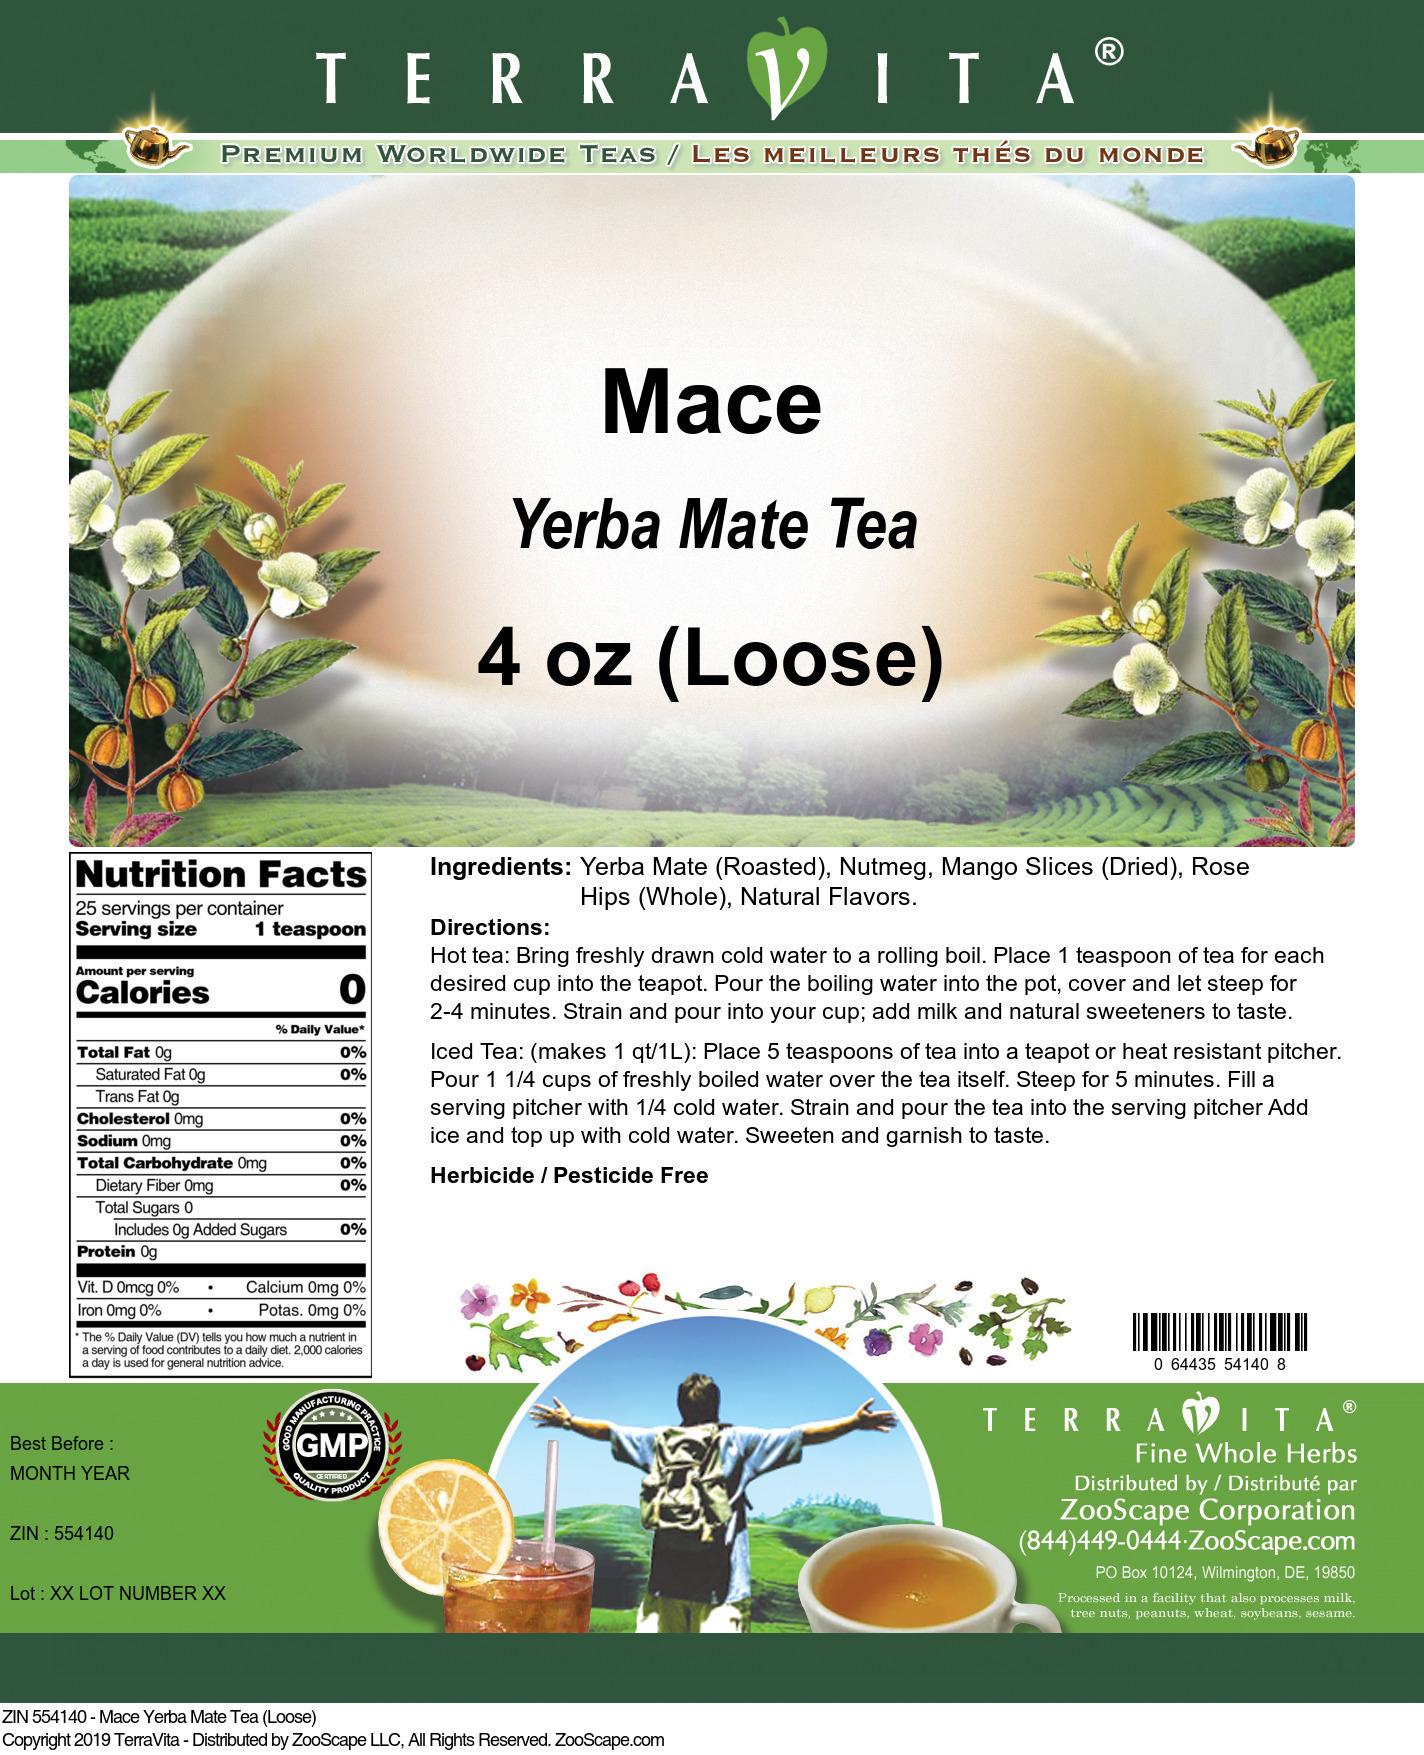 Mace Yerba Mate Tea (Loose)